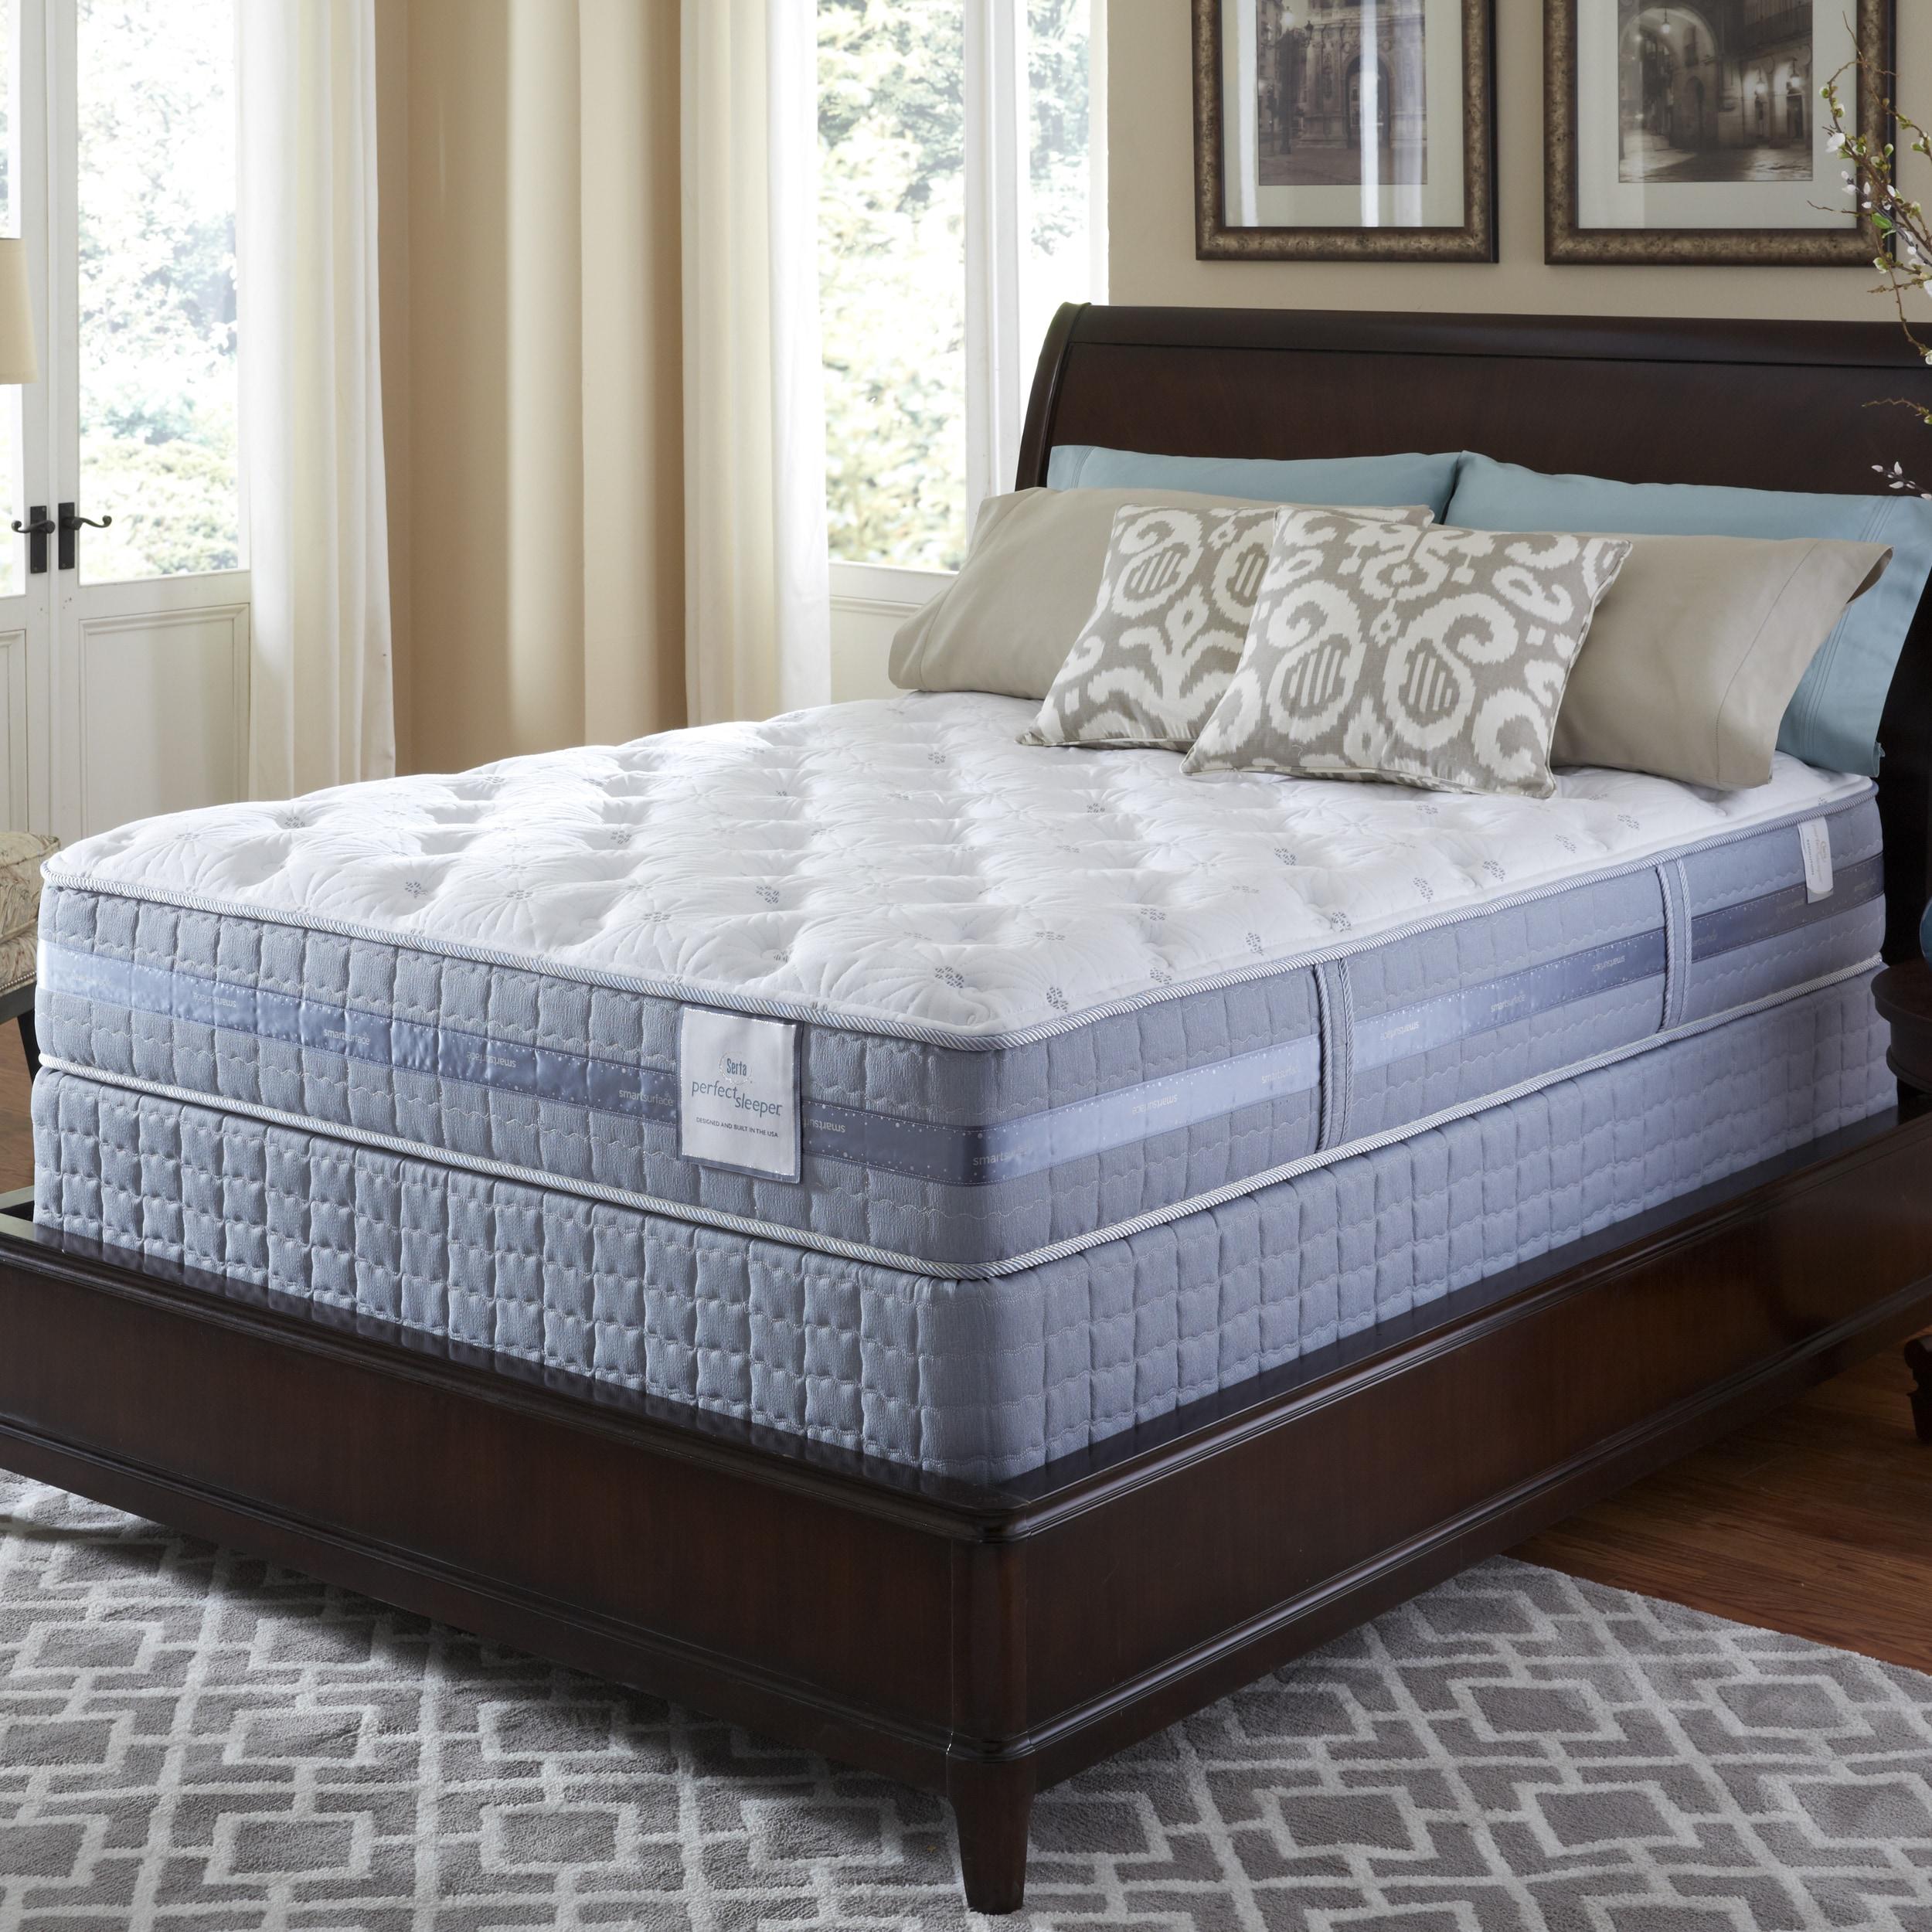 Serta Serta Perfect Sleeper Resolution Plush Cal King-size Mattress and Foundation Set